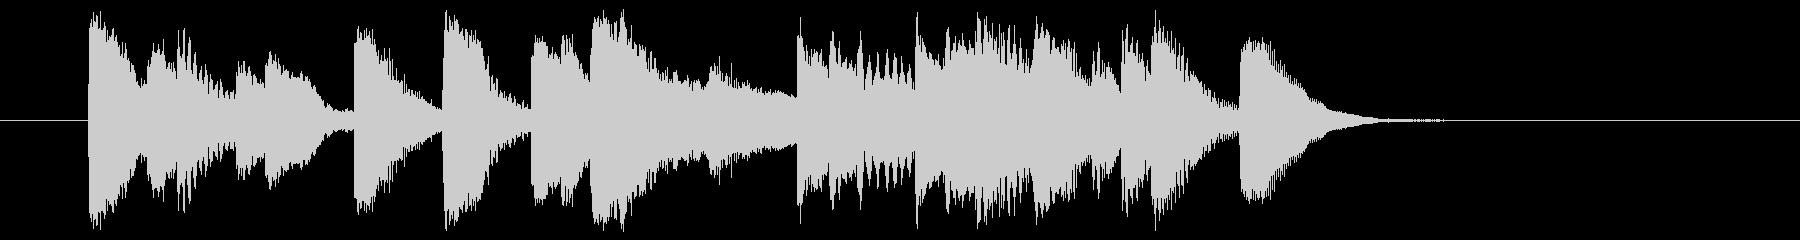 5~6秒のピアノソロのジングルです。の未再生の波形